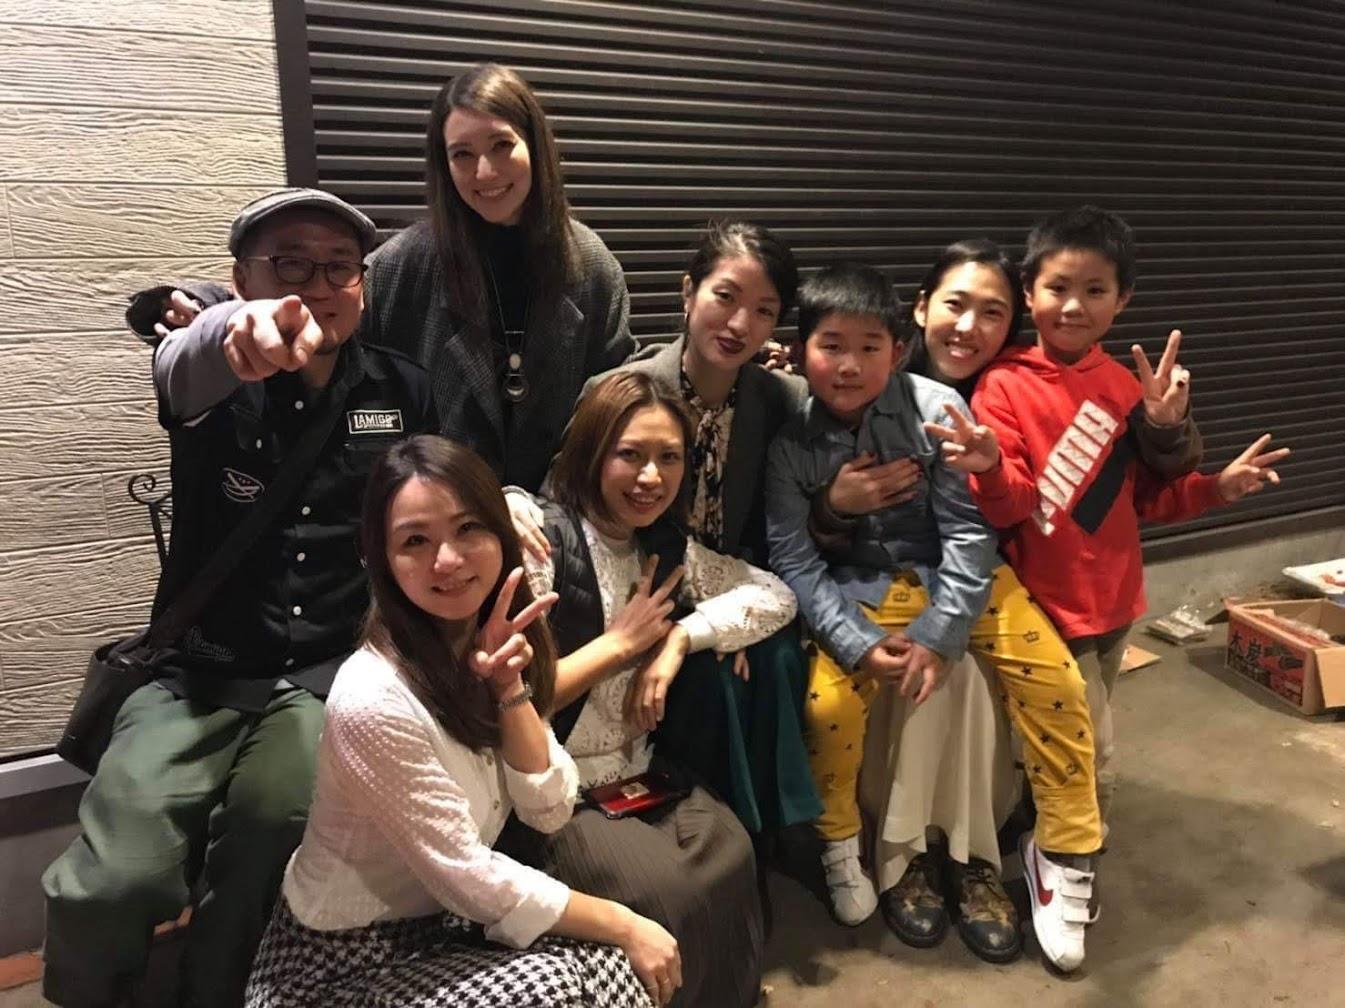 [迷迷音樂] 王若琳 與 梁心頤 結伴旅行 日本咖啡廳合體獻唱〈我只在乎你〉迷倒粉絲